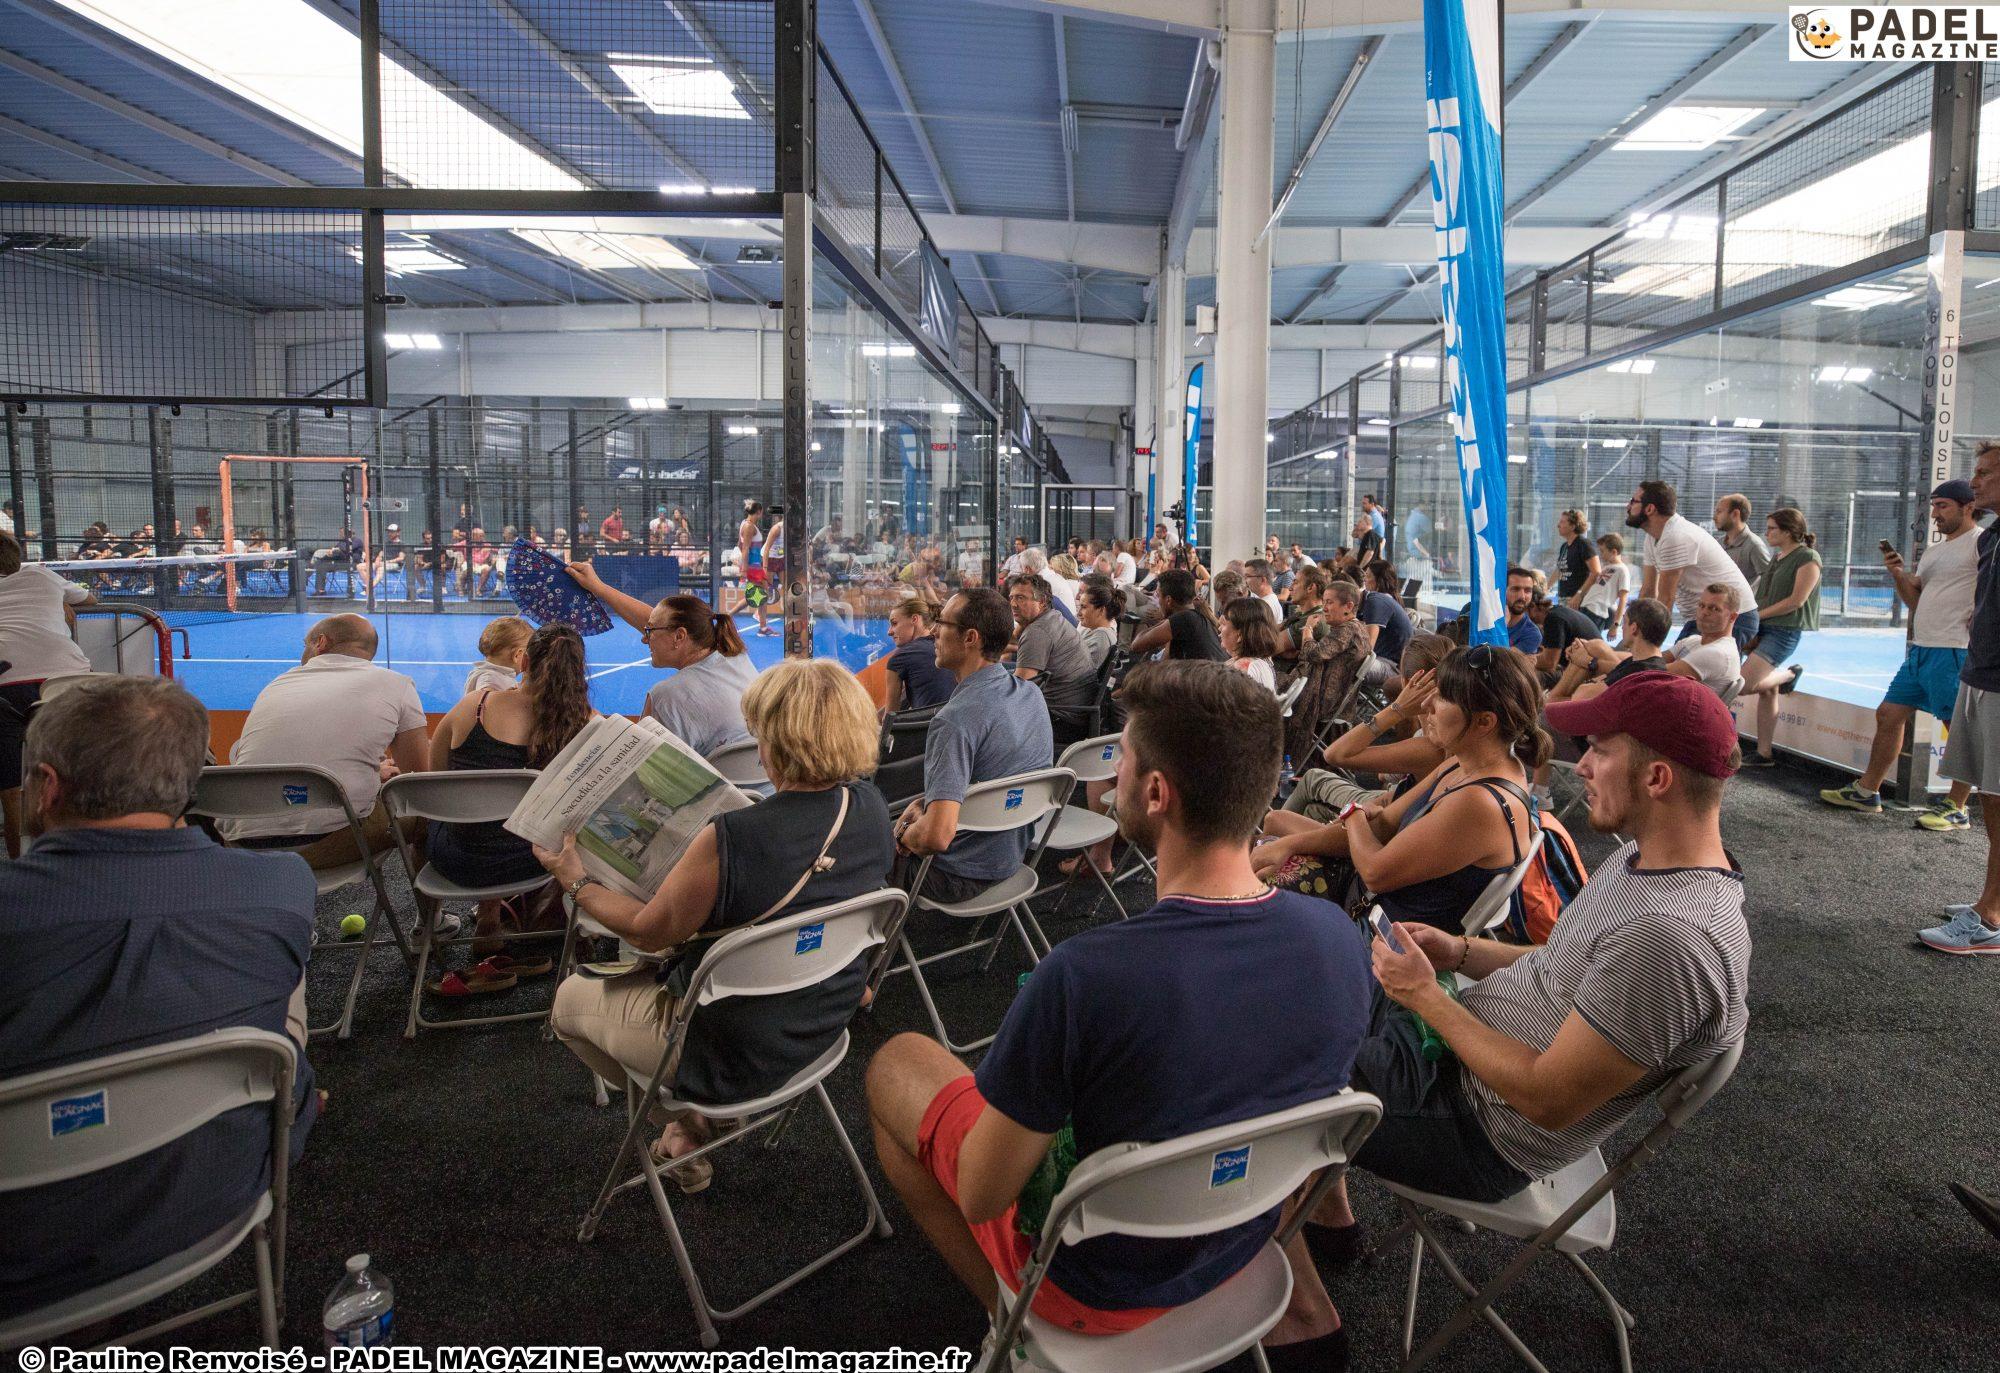 Le Padel : Peut-il relancer les clubs de tennis ?